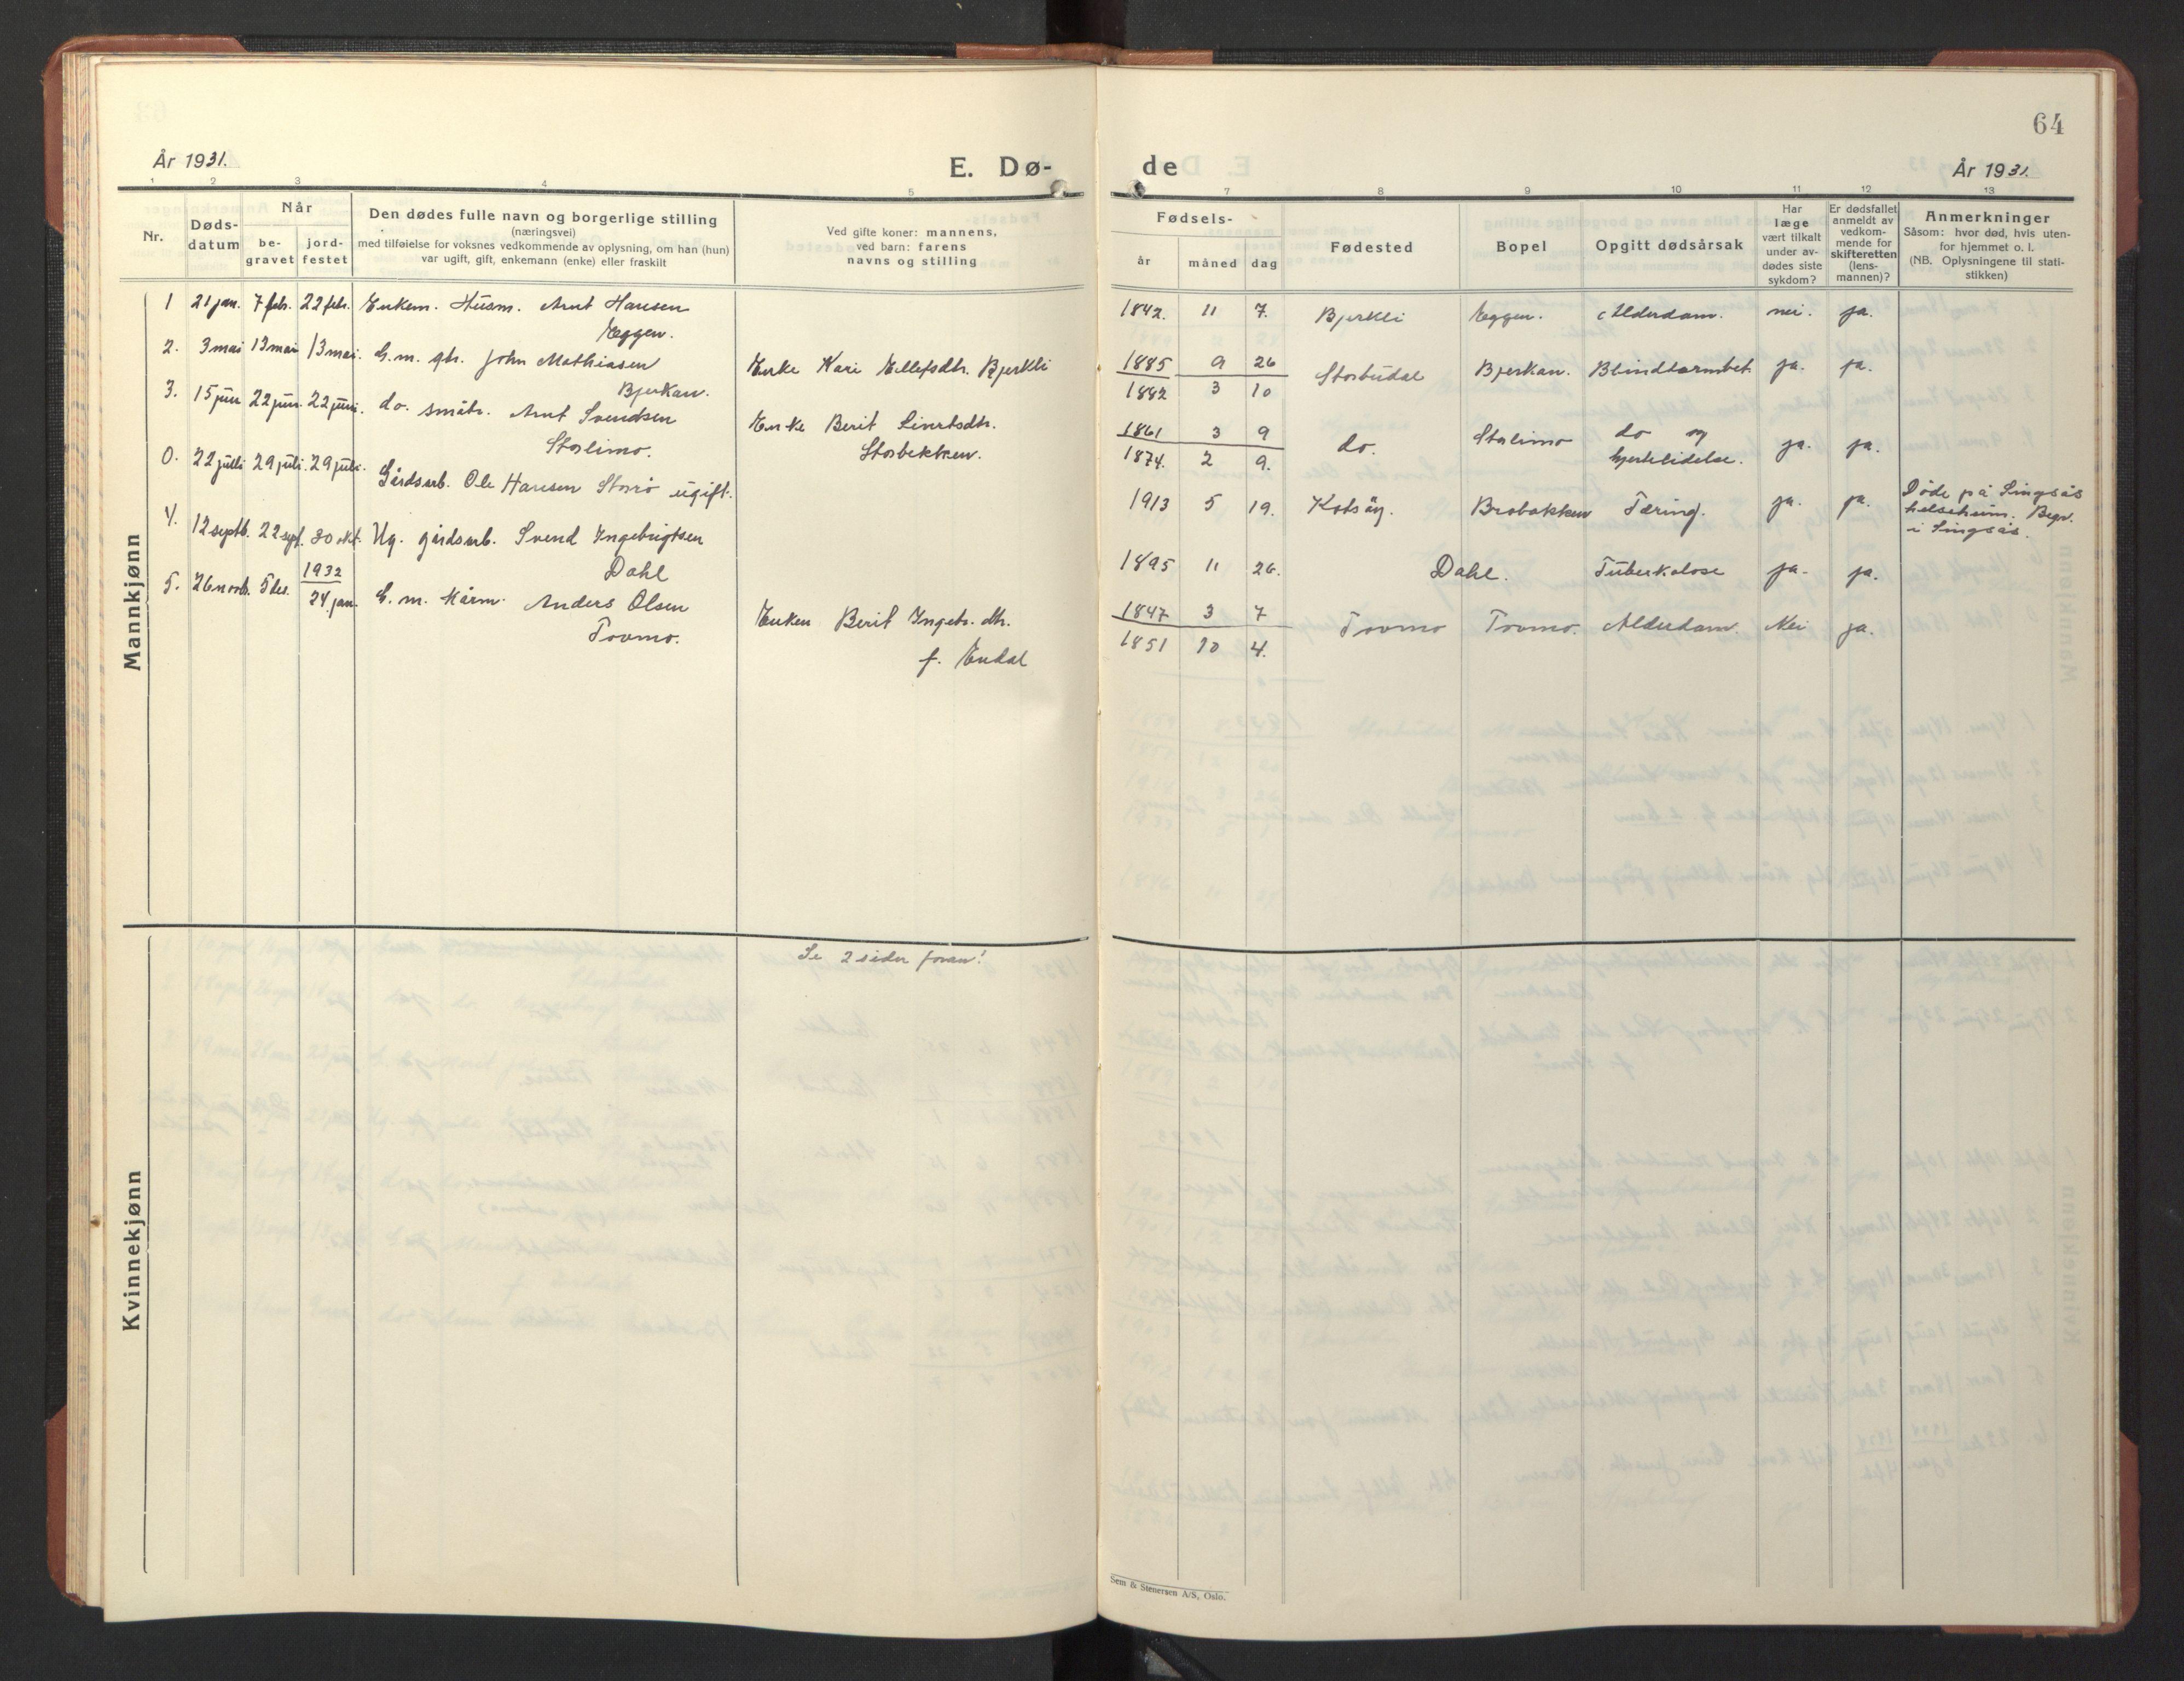 SAT, Ministerialprotokoller, klokkerbøker og fødselsregistre - Sør-Trøndelag, 690/L1053: Klokkerbok nr. 690C03, 1930-1947, s. 64